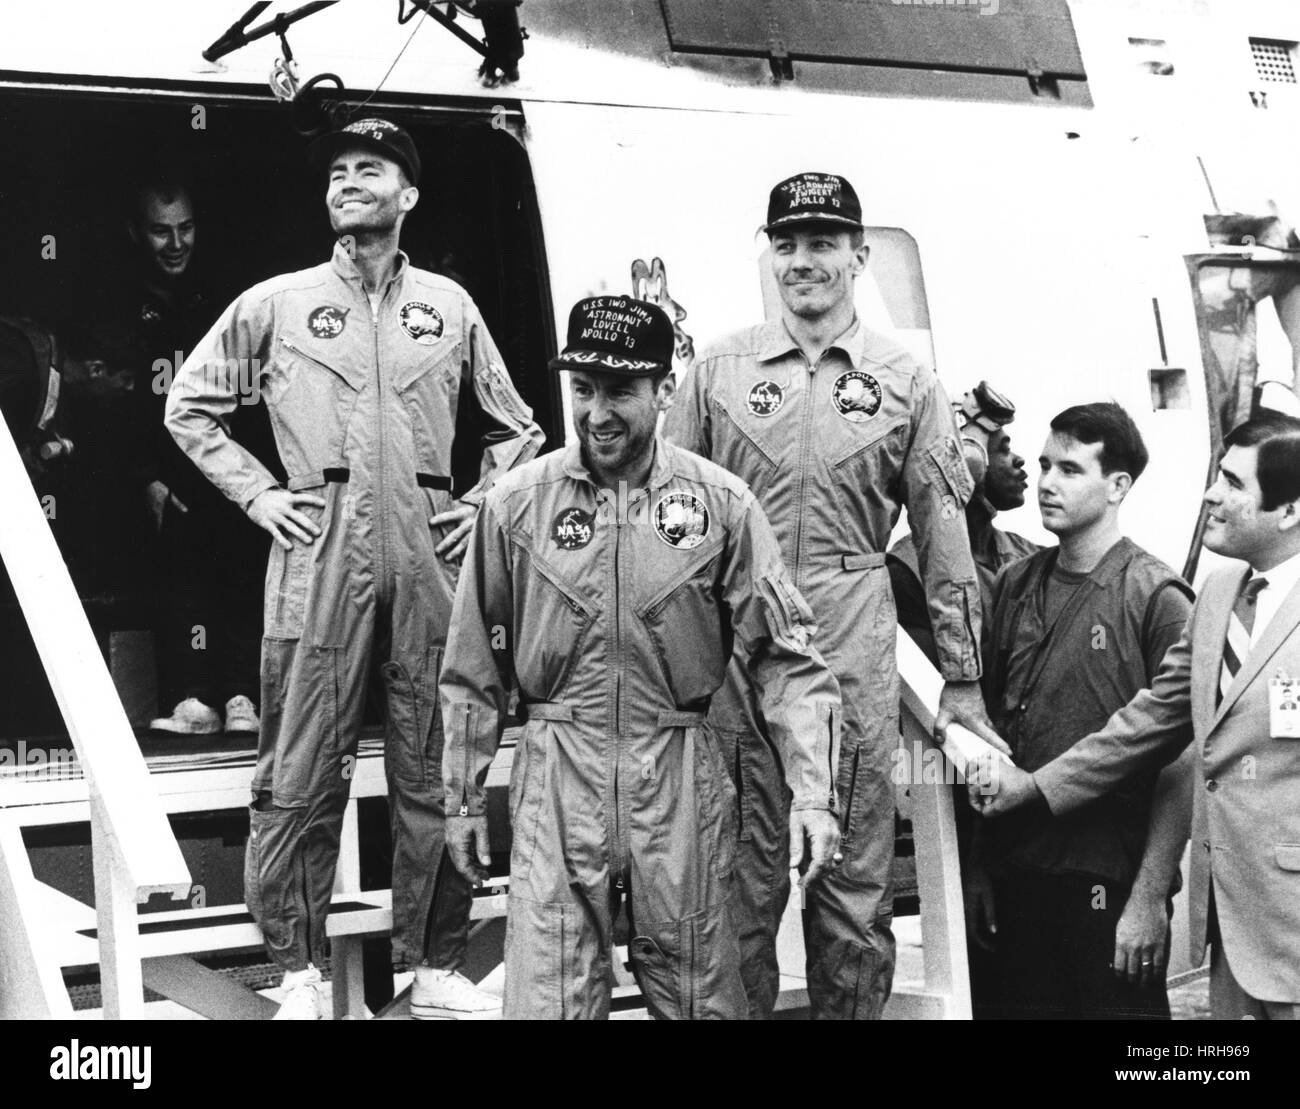 La tripulación del Apolo 13 vuelve a la tierra Imagen De Stock